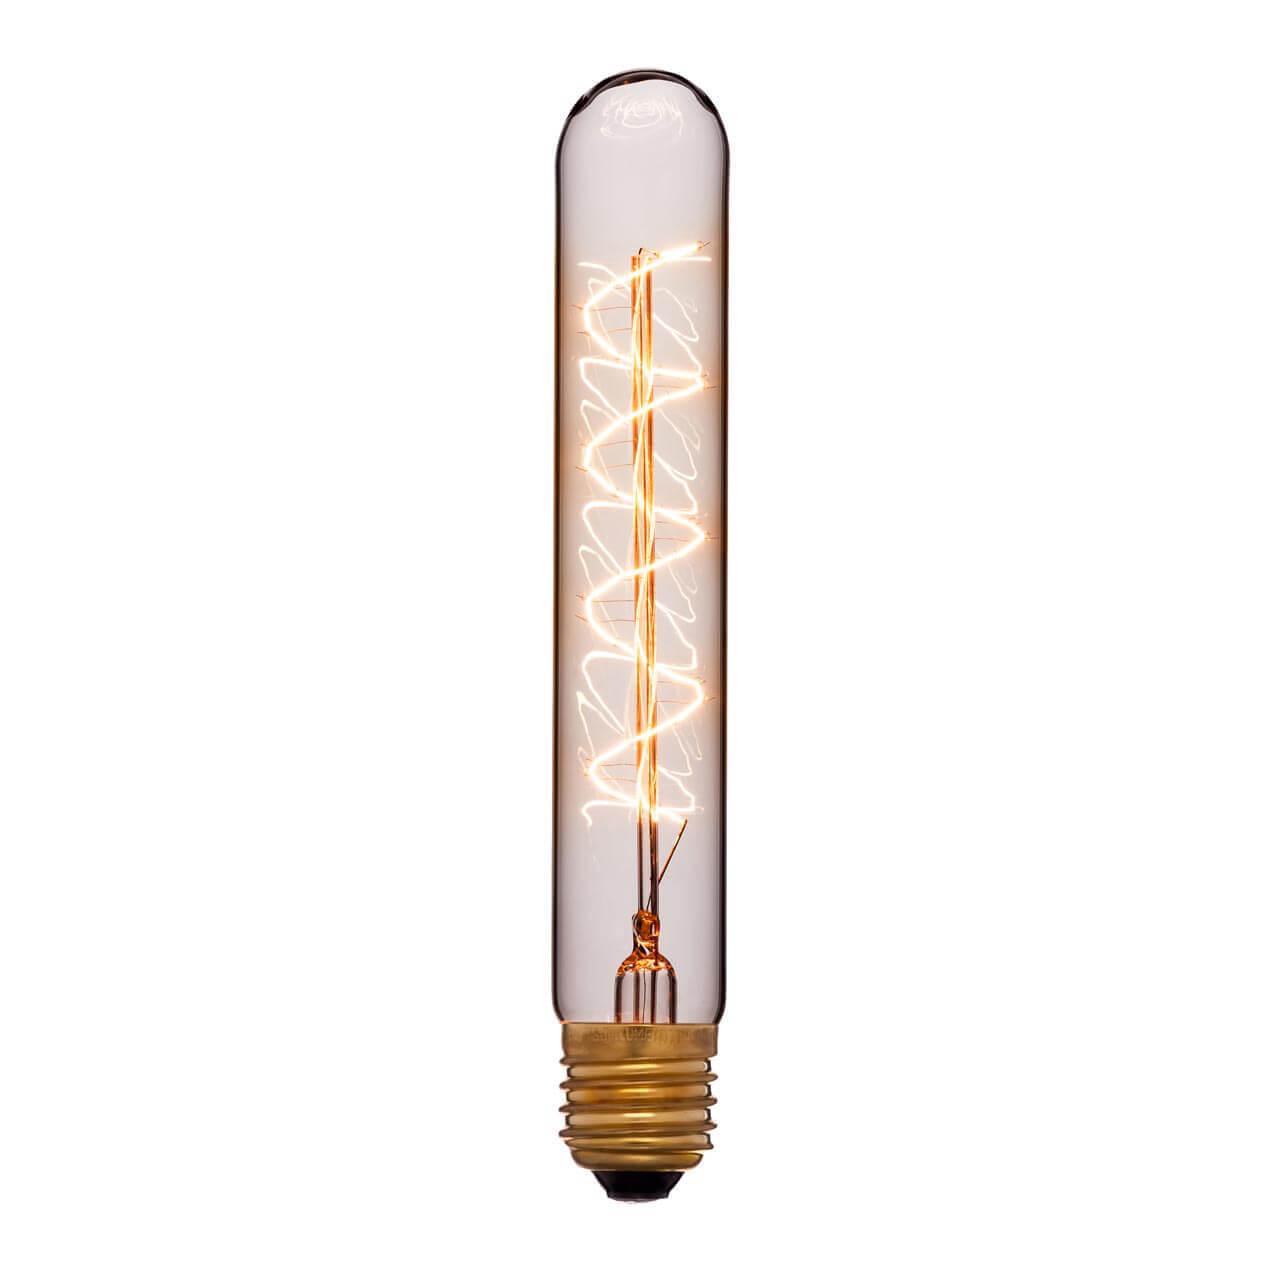 купить Лампа накаливания E27 60W прозрачная 053-877 по цене 305 рублей